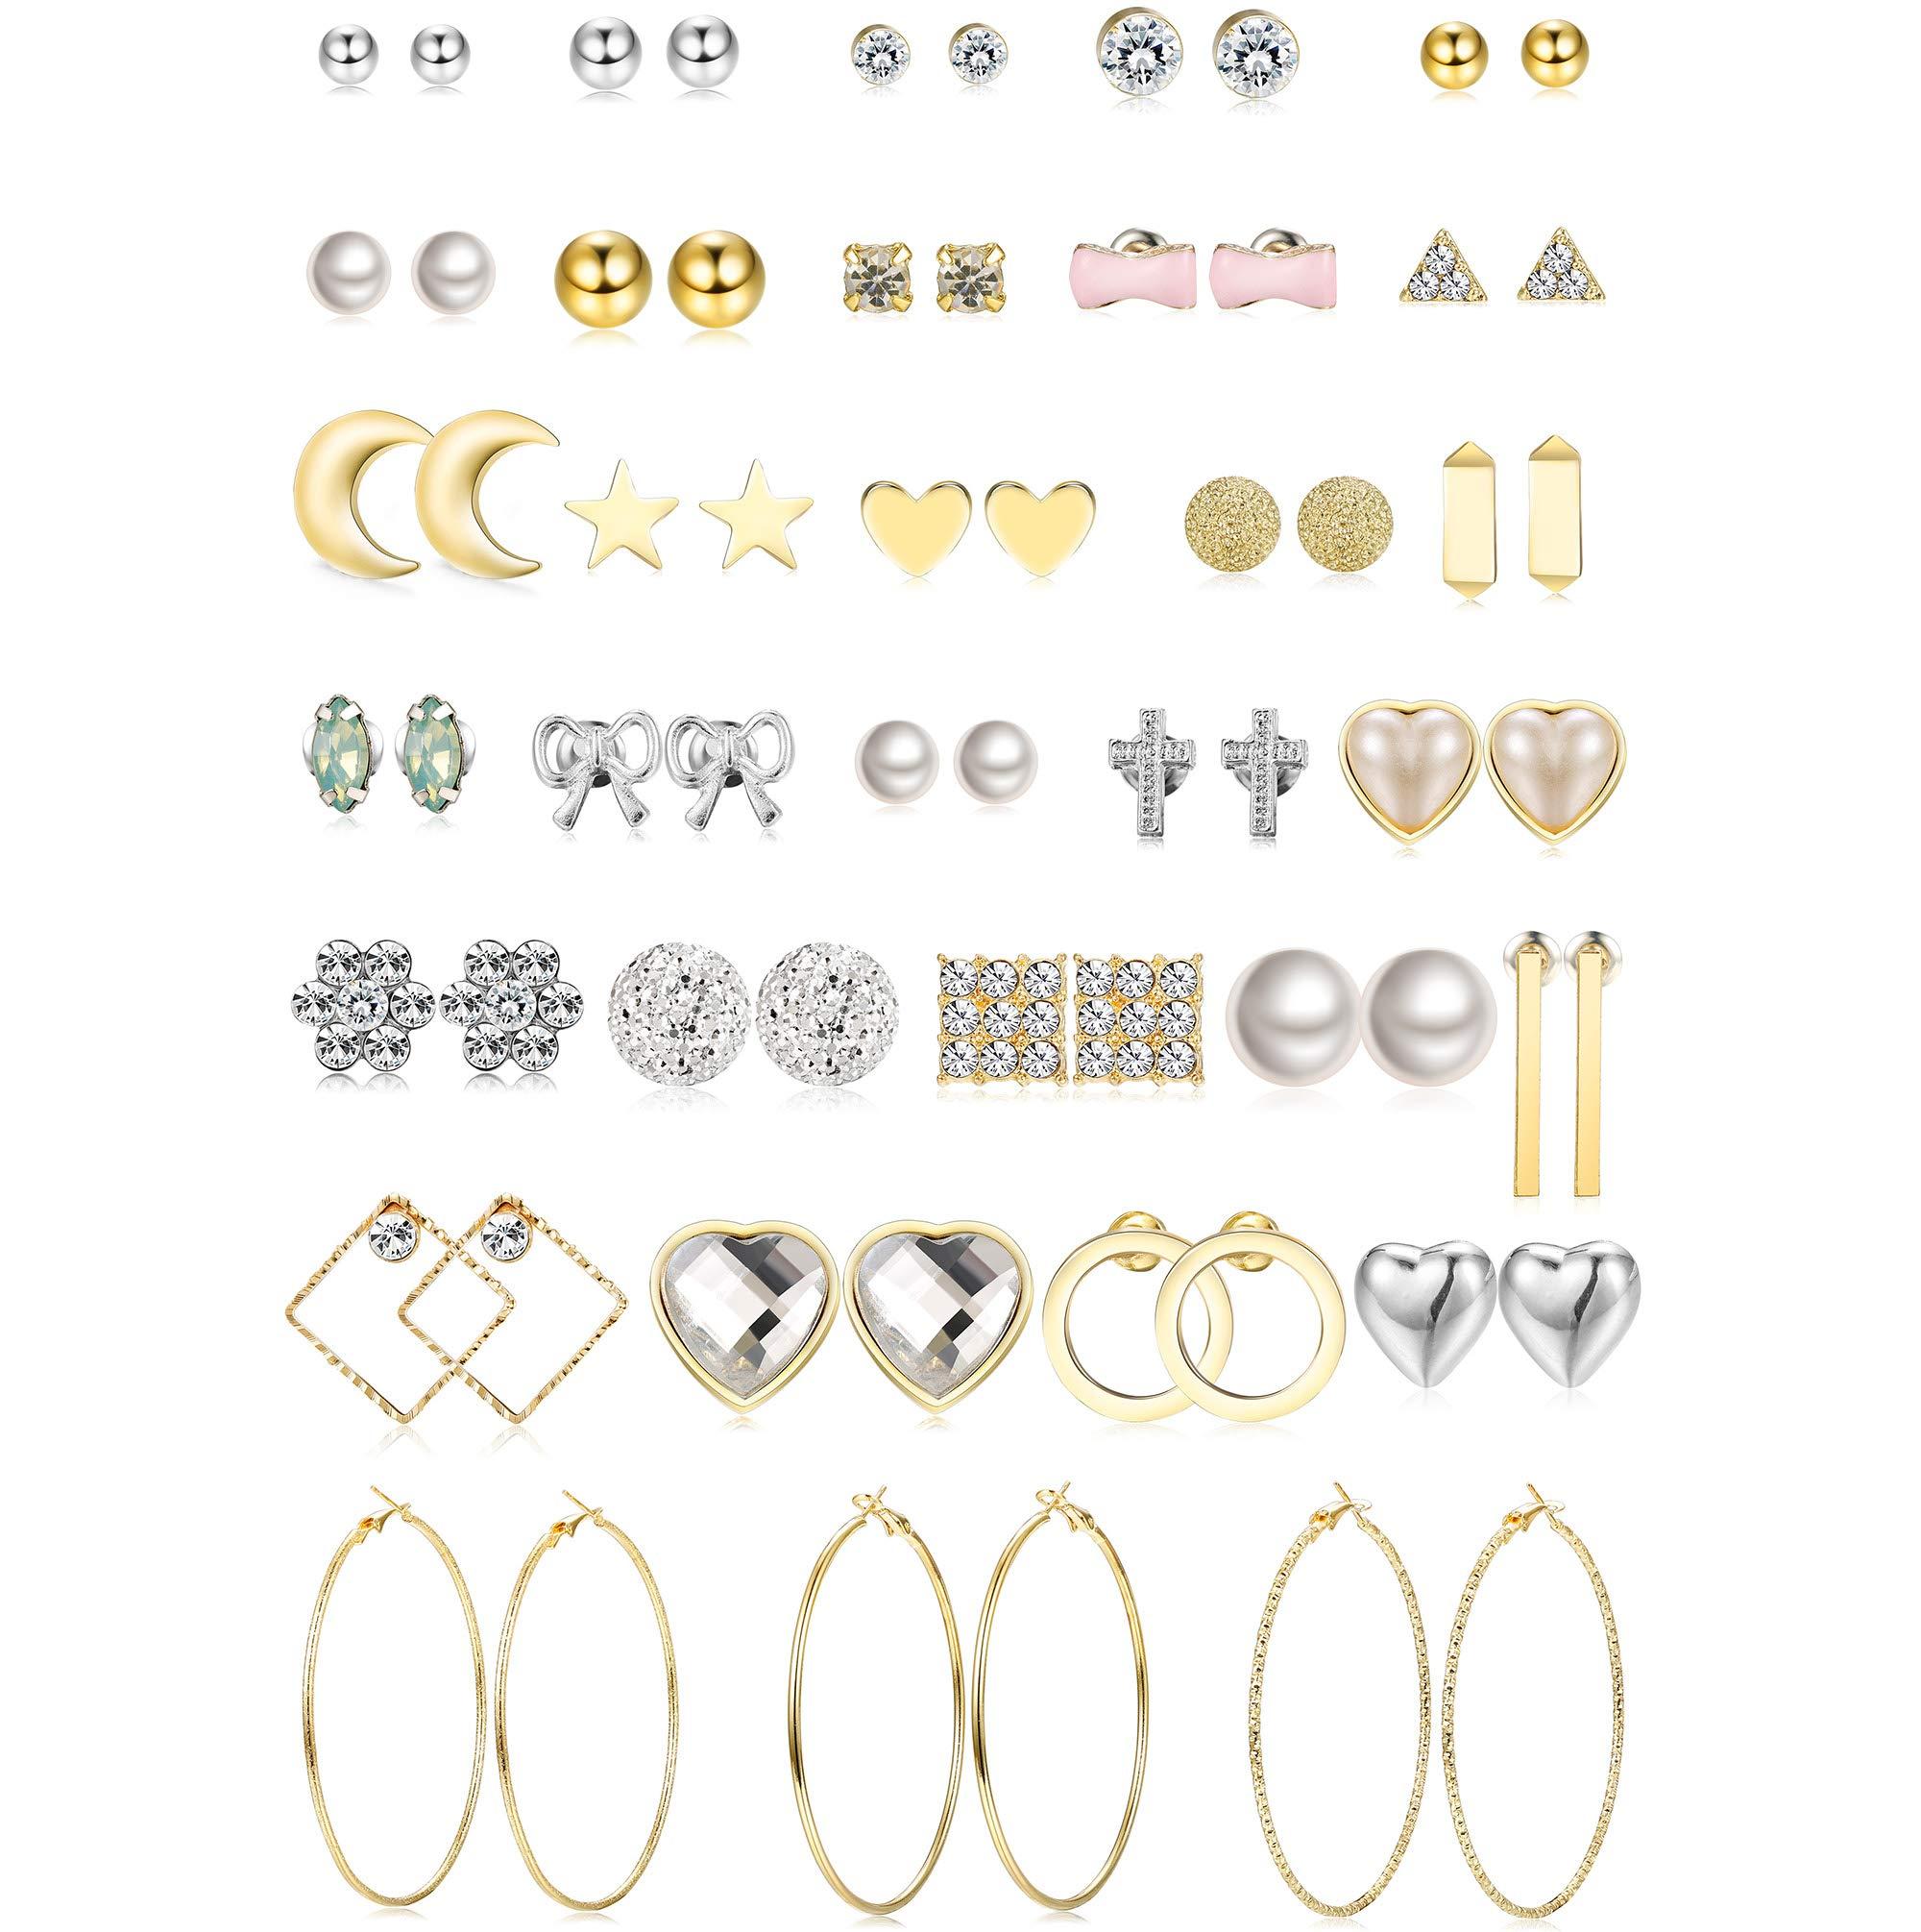 Jstyle 32 Pairs Assorted Multiple Stud Earrings for Women Girls Simple Cute Big Hoop Earrings Set